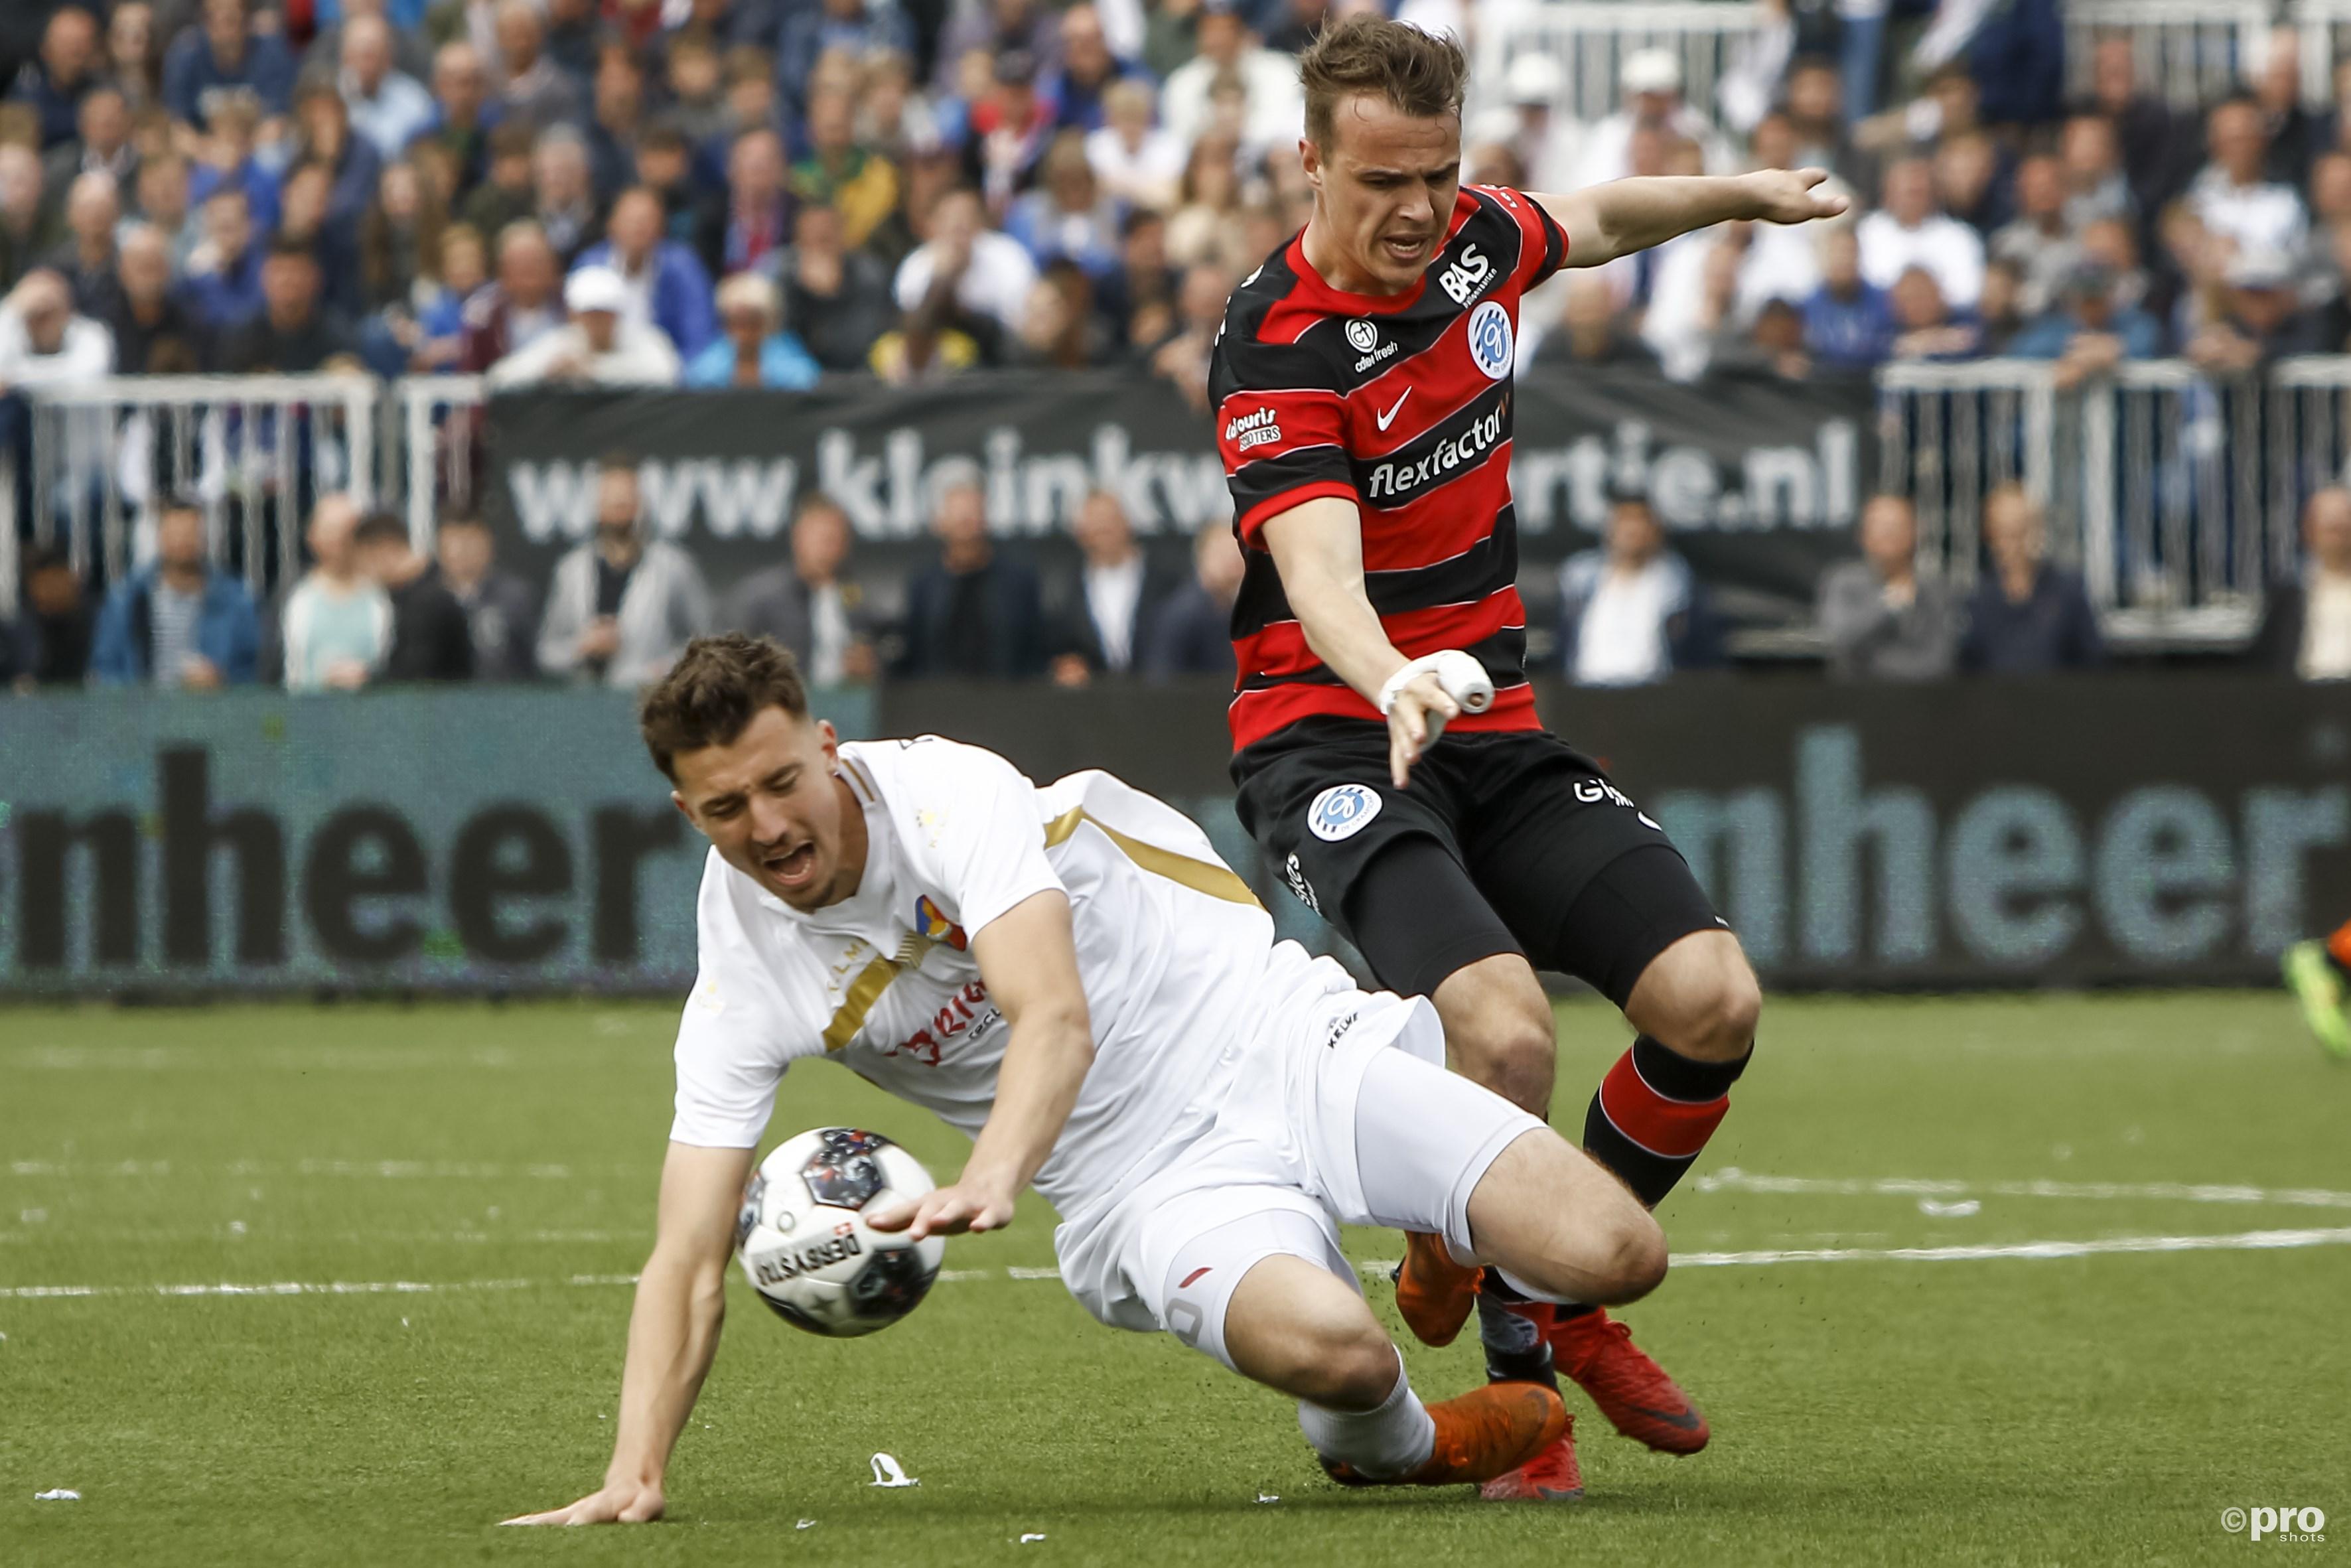 Andrija Novakovich (l.) in duel met Lars Nieuwpoort. (PRO SHOTS/Remko Kool)